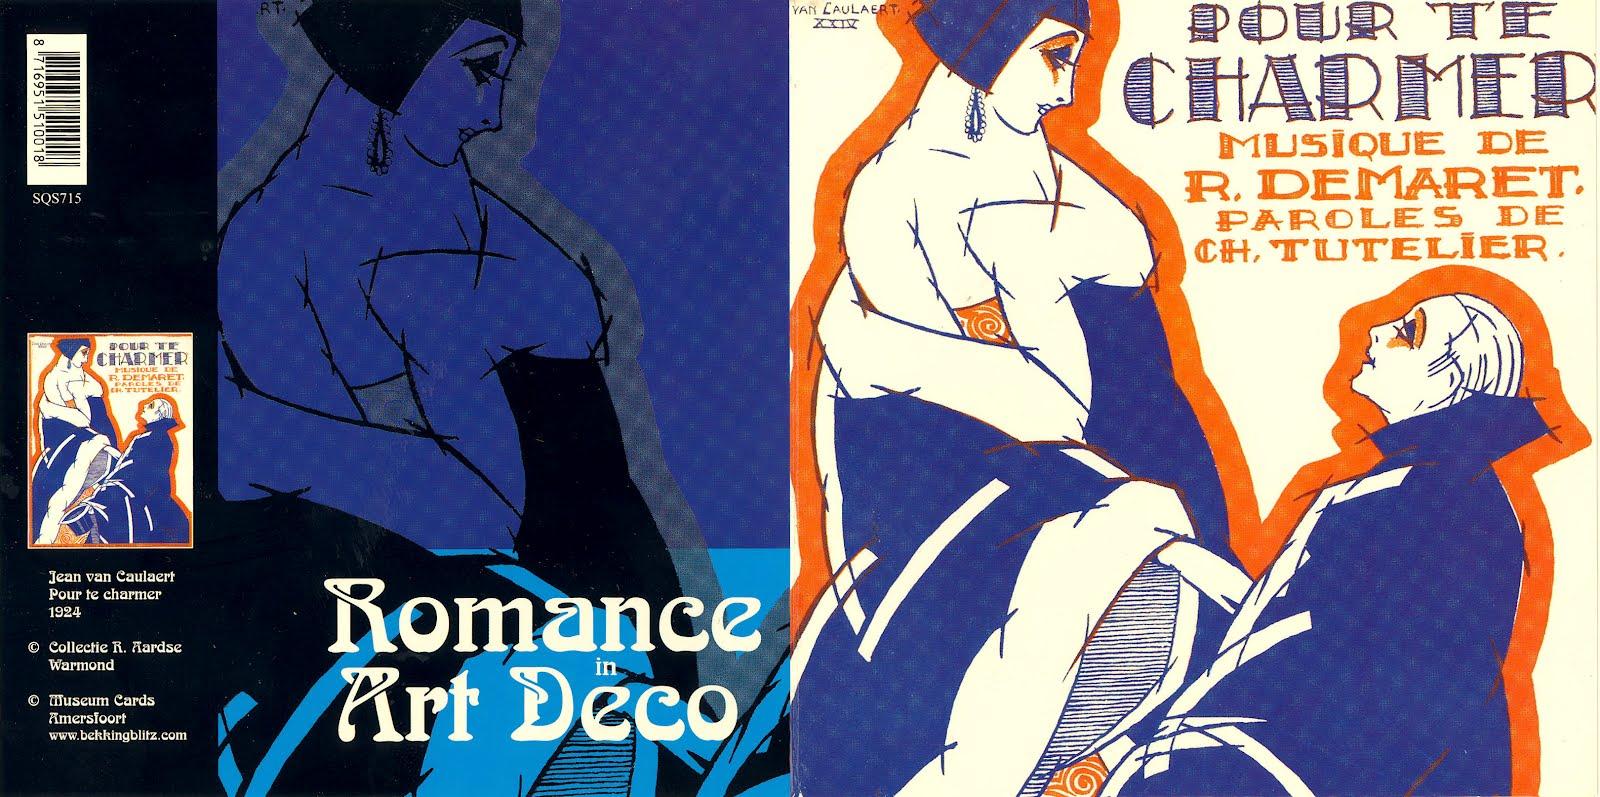 Sagittarius art deco - Deco tussen ...